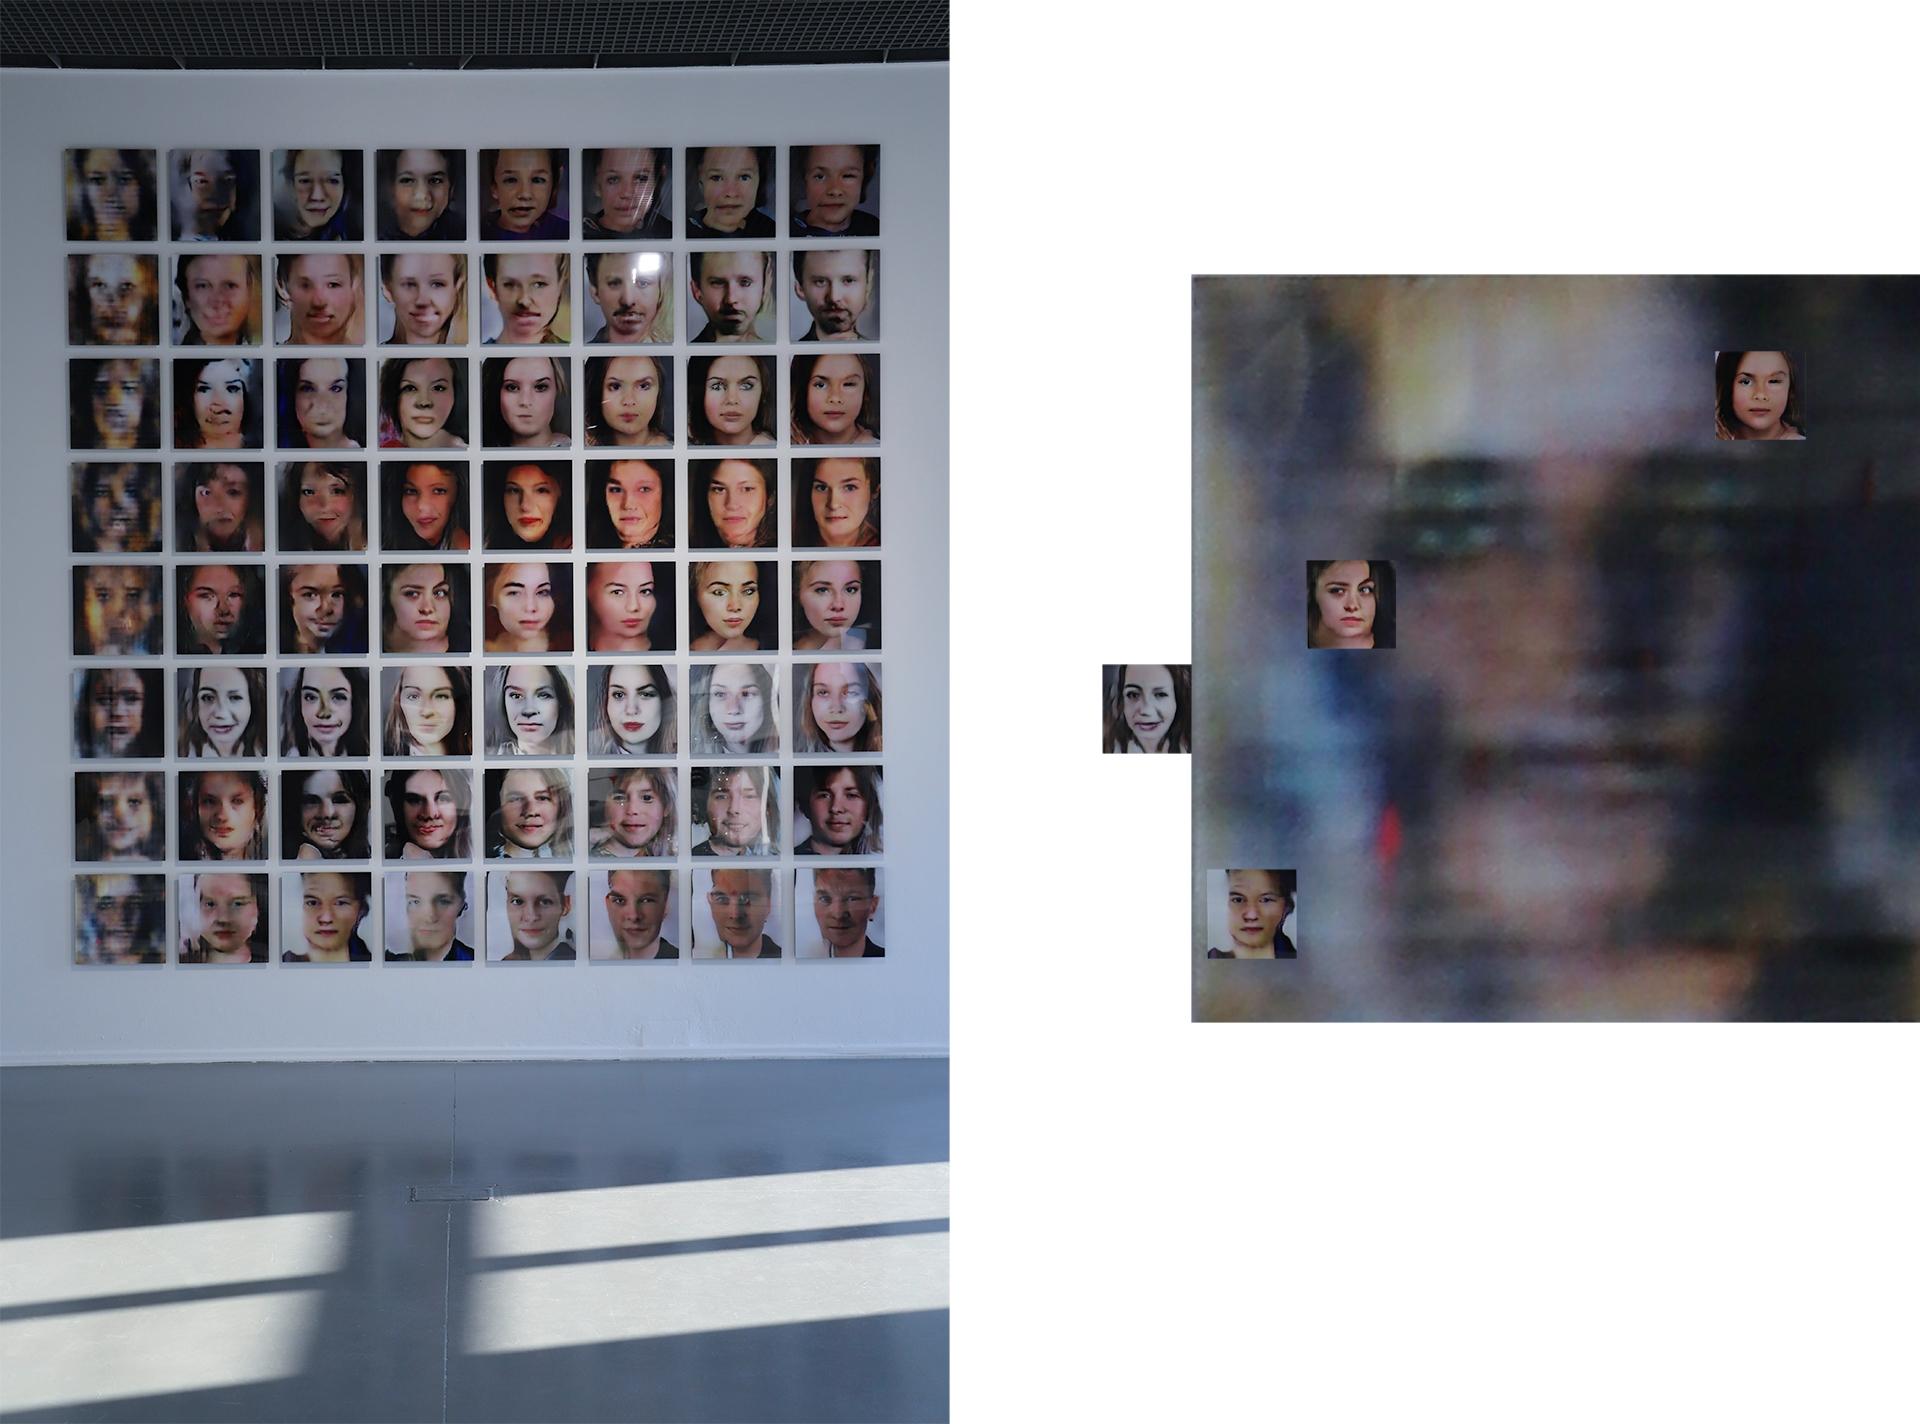 Obraz przedstawia zdjęcie ściany, na której umieszczone są portrety ludzi.